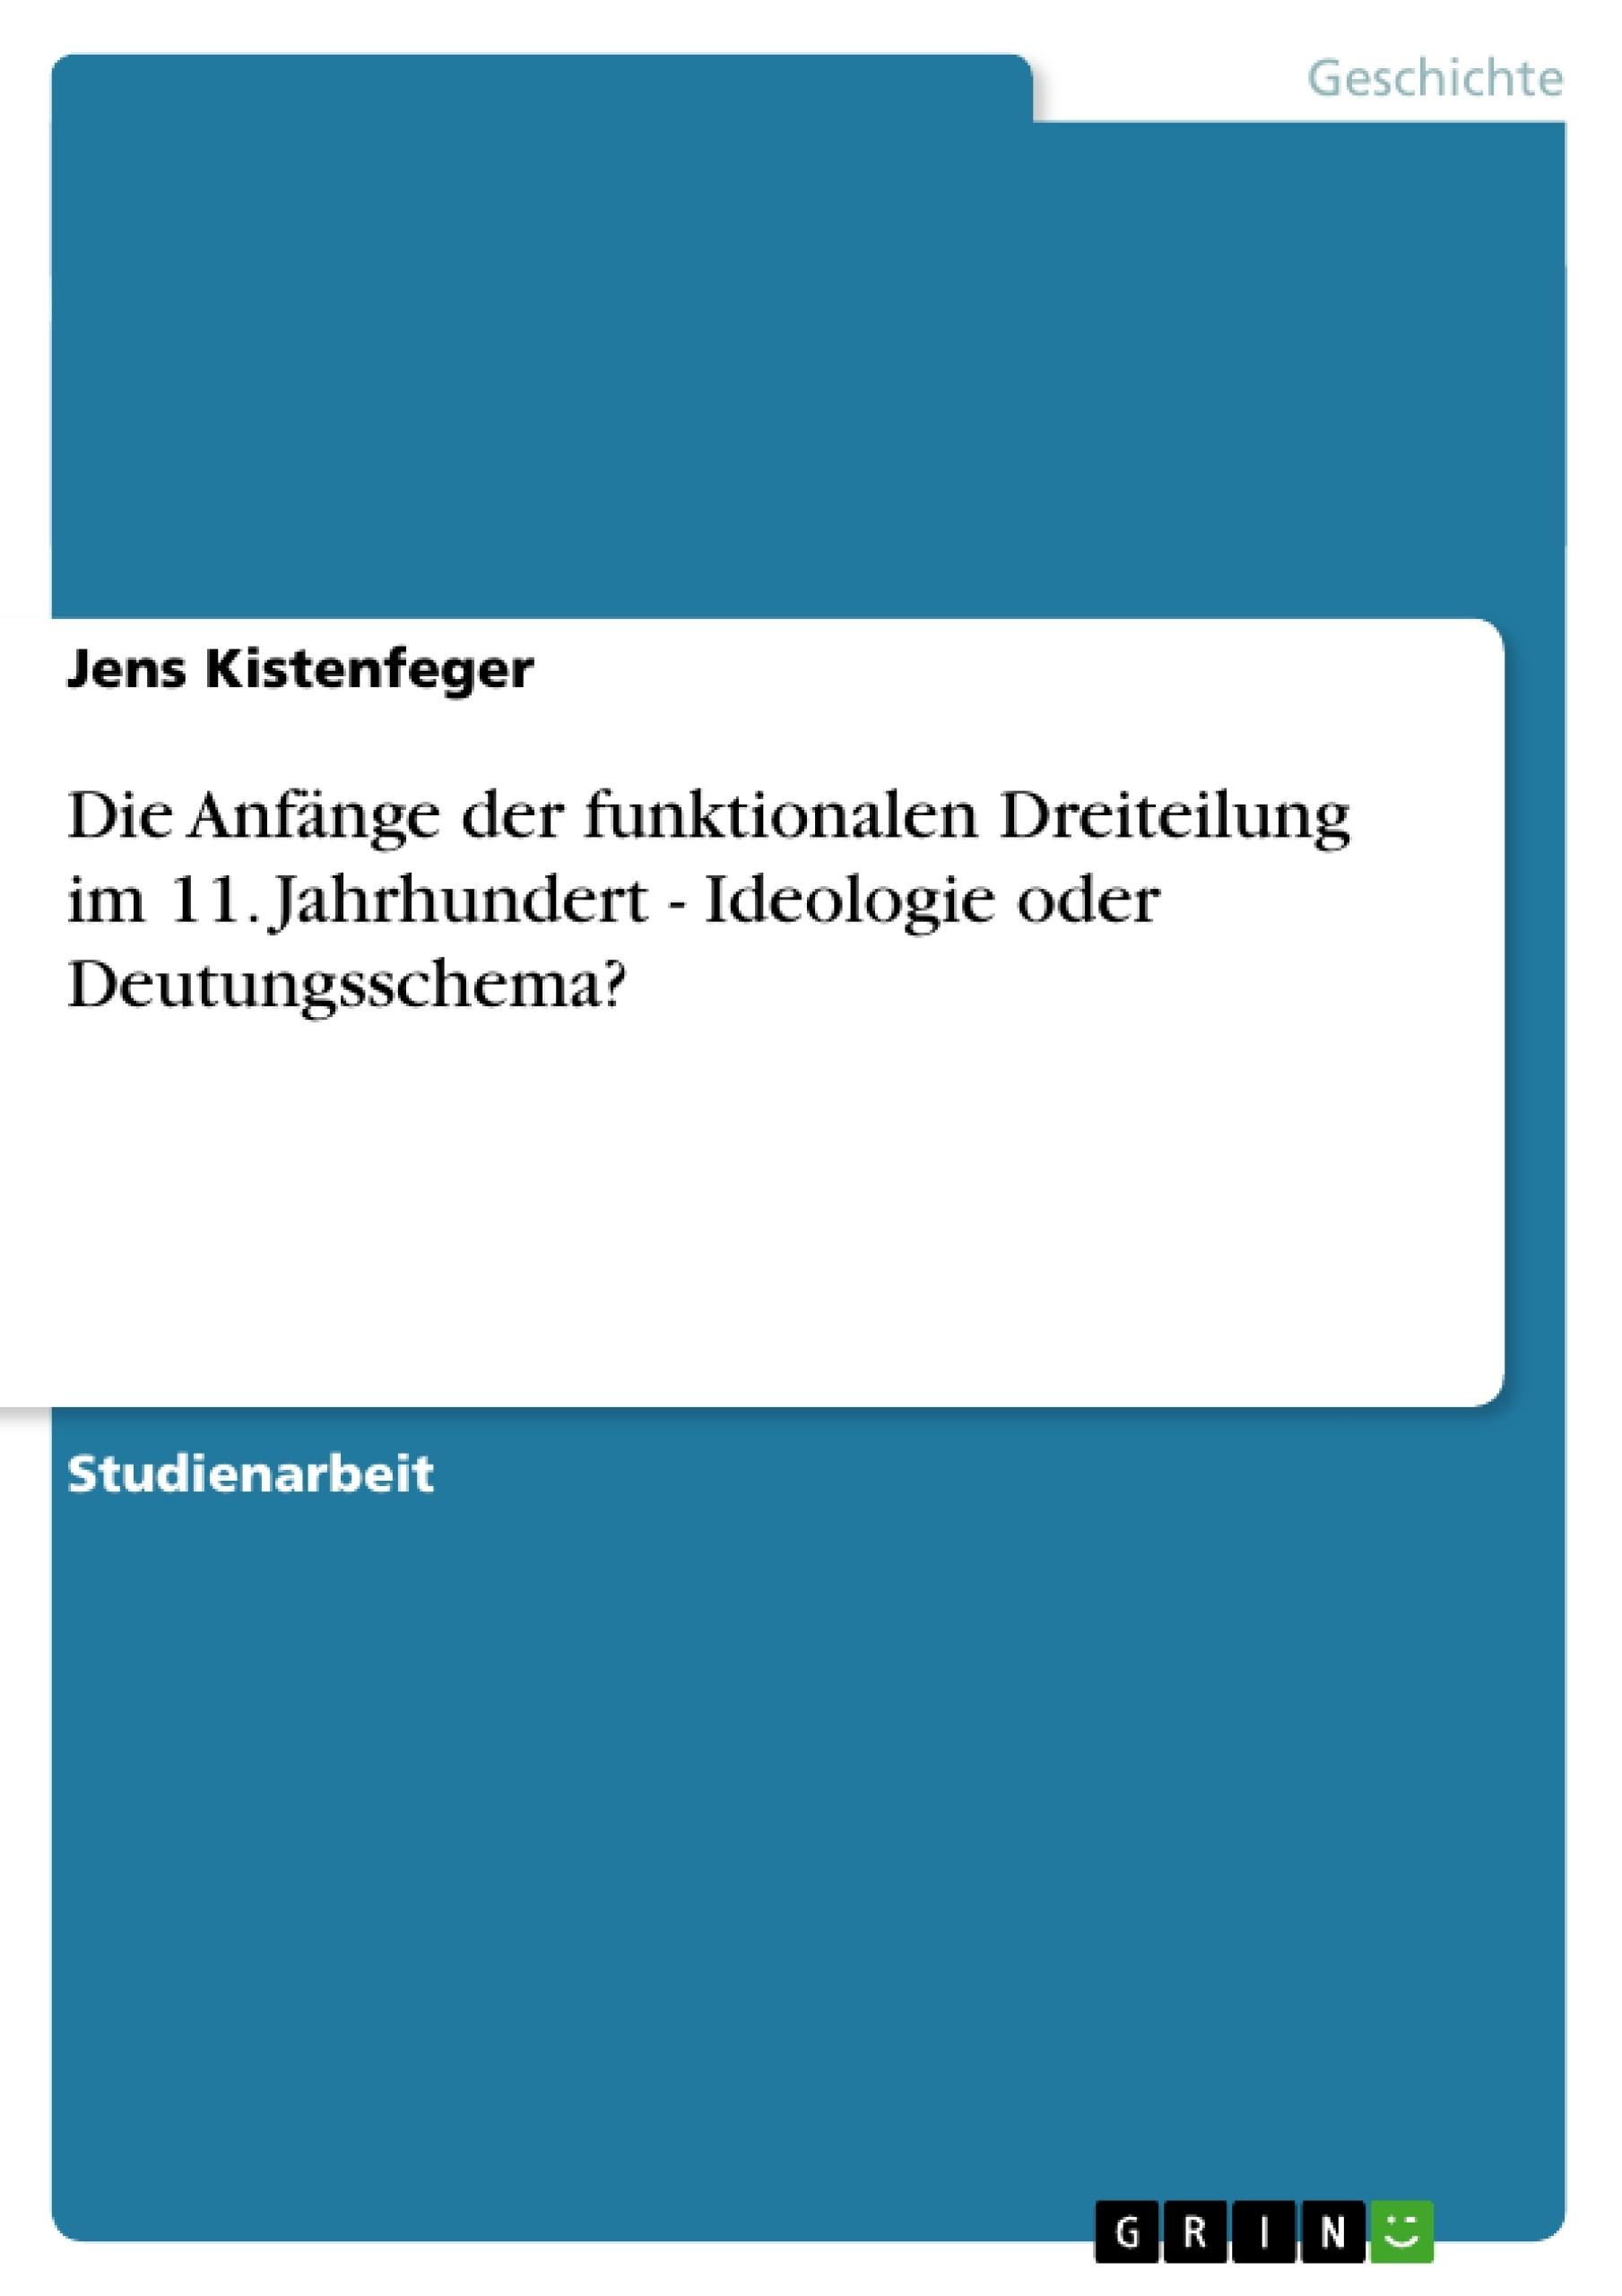 Titel: Die Anfänge der funktionalen Dreiteilung im 11. Jahrhundert - Ideologie oder Deutungsschema?